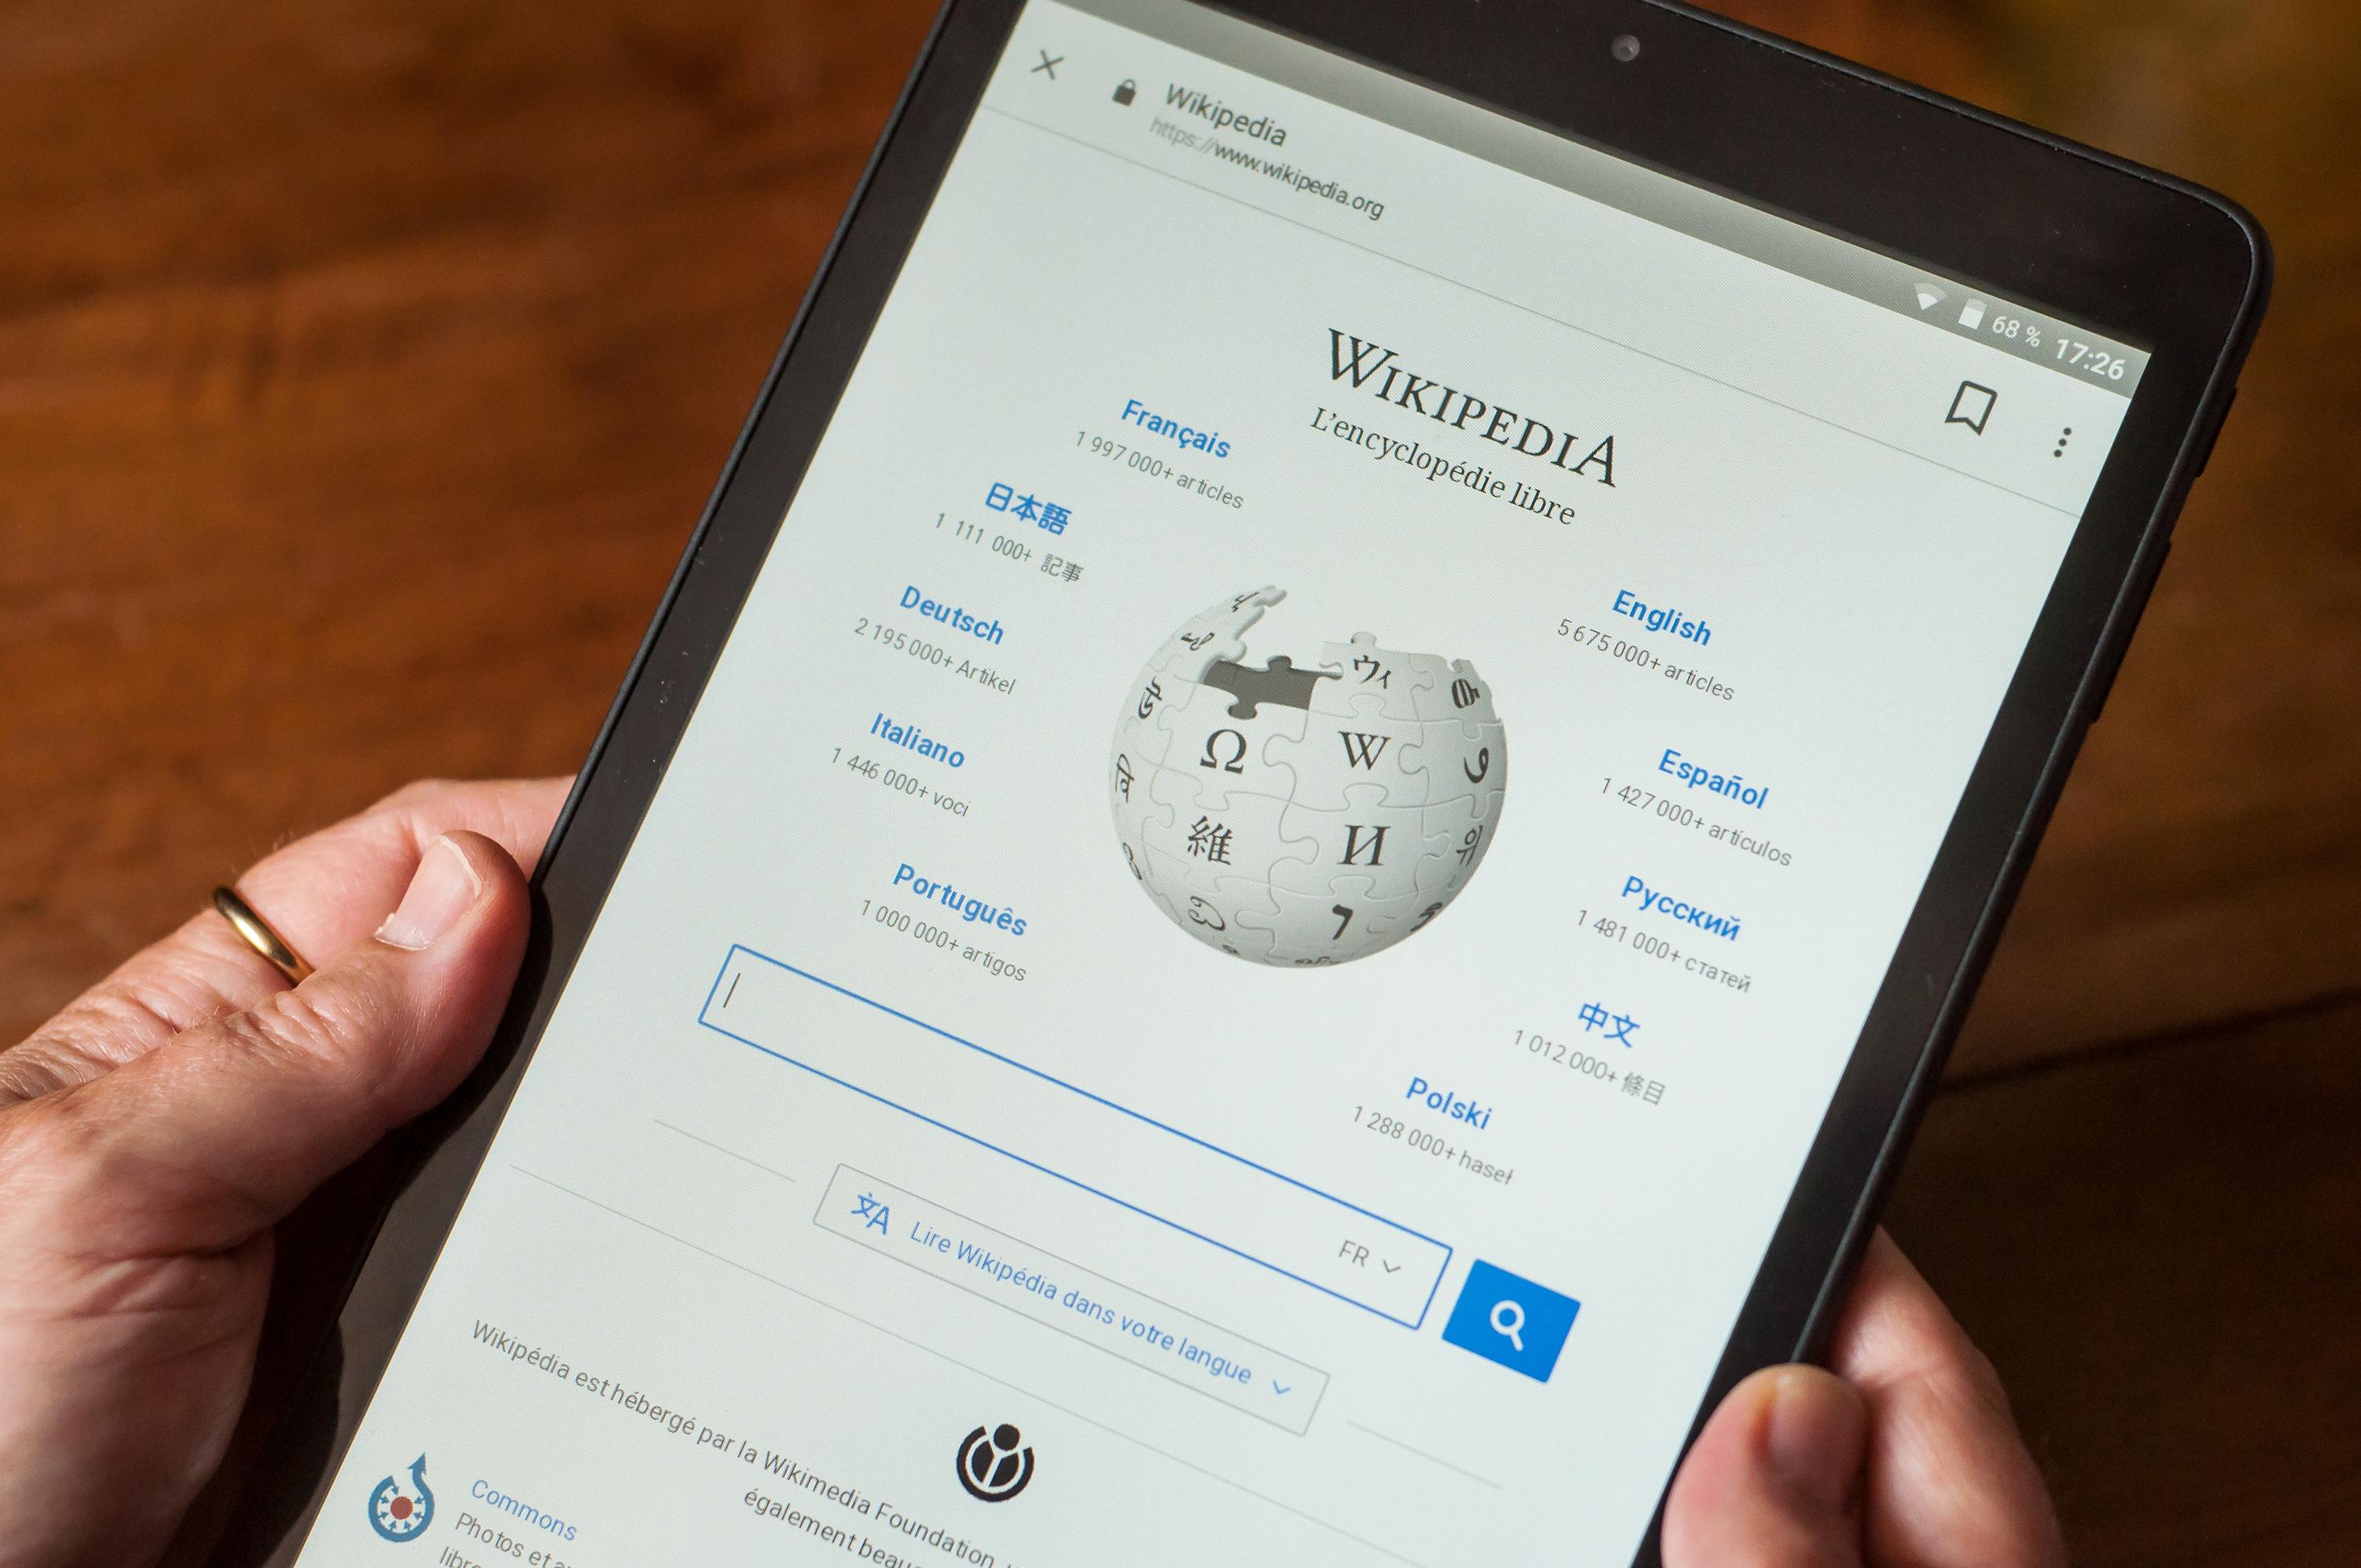 Wikipedia Swietuje 20 Lat Istnienia Internetowa Encyklopedia Tworzona Jest W 316 Jezykach Radio Olsztyn